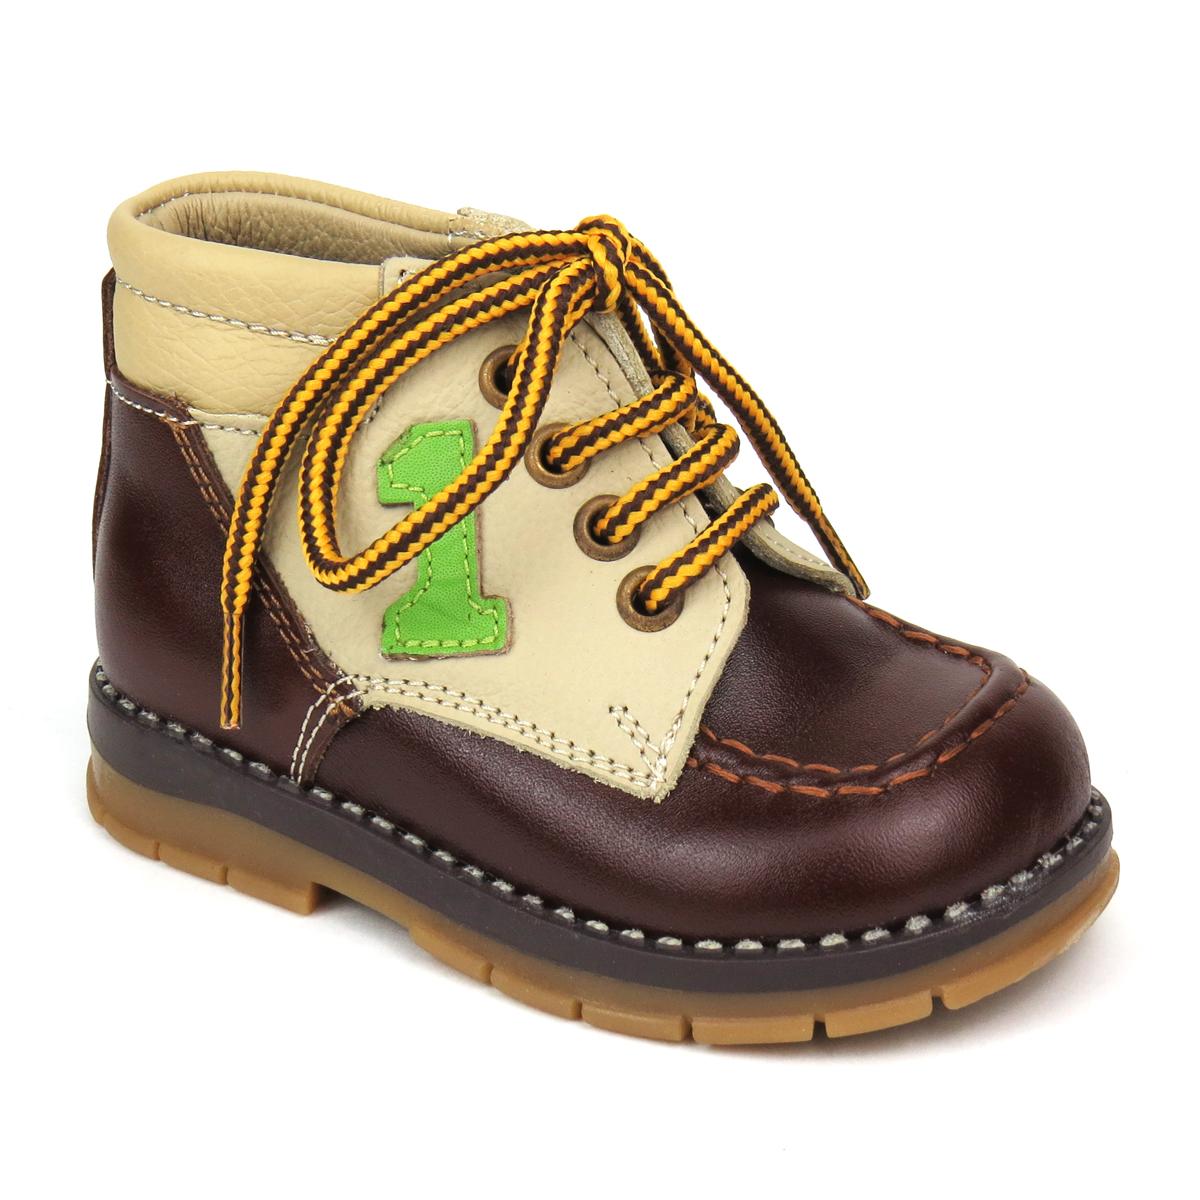 Ботинки для мальчика. 255-05255-05Очаровательные ботинки от Таши Орто покорят вас и вашего мальчика с первого взгляда! Модель выполнена из натуральной высококачественной кожи и оформлена прострочкой, задним наружным ремнем, сбоку аппликацией в виде цифры 1. Полужесткий задник и классическая шнуровка надежно фиксируют ножку ребенка, не давая ей смещаться из стороны в сторону и назад. Ярлычок на заднике облегчает надевание обуви. Стелька из натуральной кожи дополнена супинатором с перфорацией, который обеспечивает правильное положение ноги ребенка при ходьбе, предотвращает плоскостопие. Латексное покрытие стельки дает ножке ощущение мягкости и комфорта. Ортопедический каблук Томаса укрепляет подошву под средней частью стопы и препятствует ее заваливанию внутрь. Гибкая подошва позволяет сгибаться детской стопе при ходьбе или беге анатомически правильно, в 1/3 стопы, а не посередине. Рифленая поверхность подошвы защищает изделие от скольжения. Удобные ботинки - незаменимая вещь в гардеробе каждого ребенка!